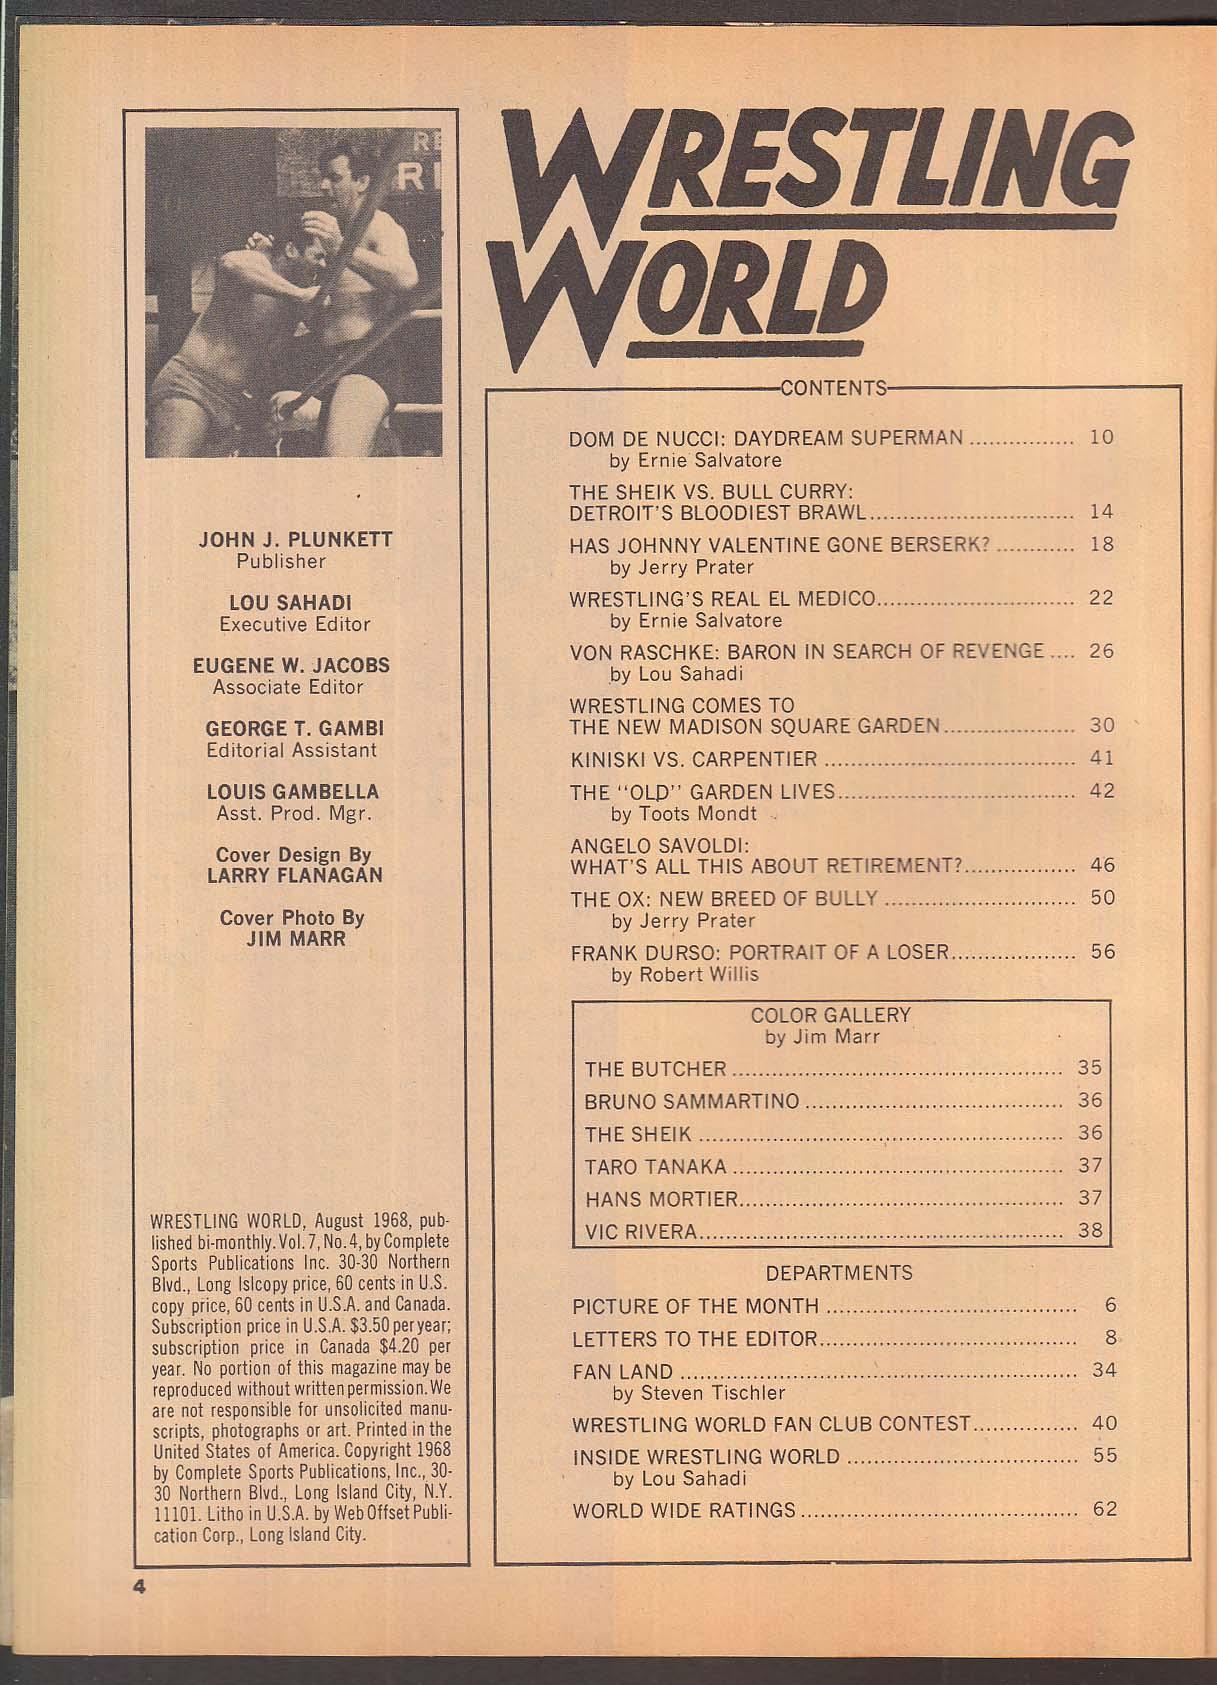 WRESTLING WORLD Sheik Bull Curry Dom DeNucci Von Raschke Johnny Valentine 8  1968